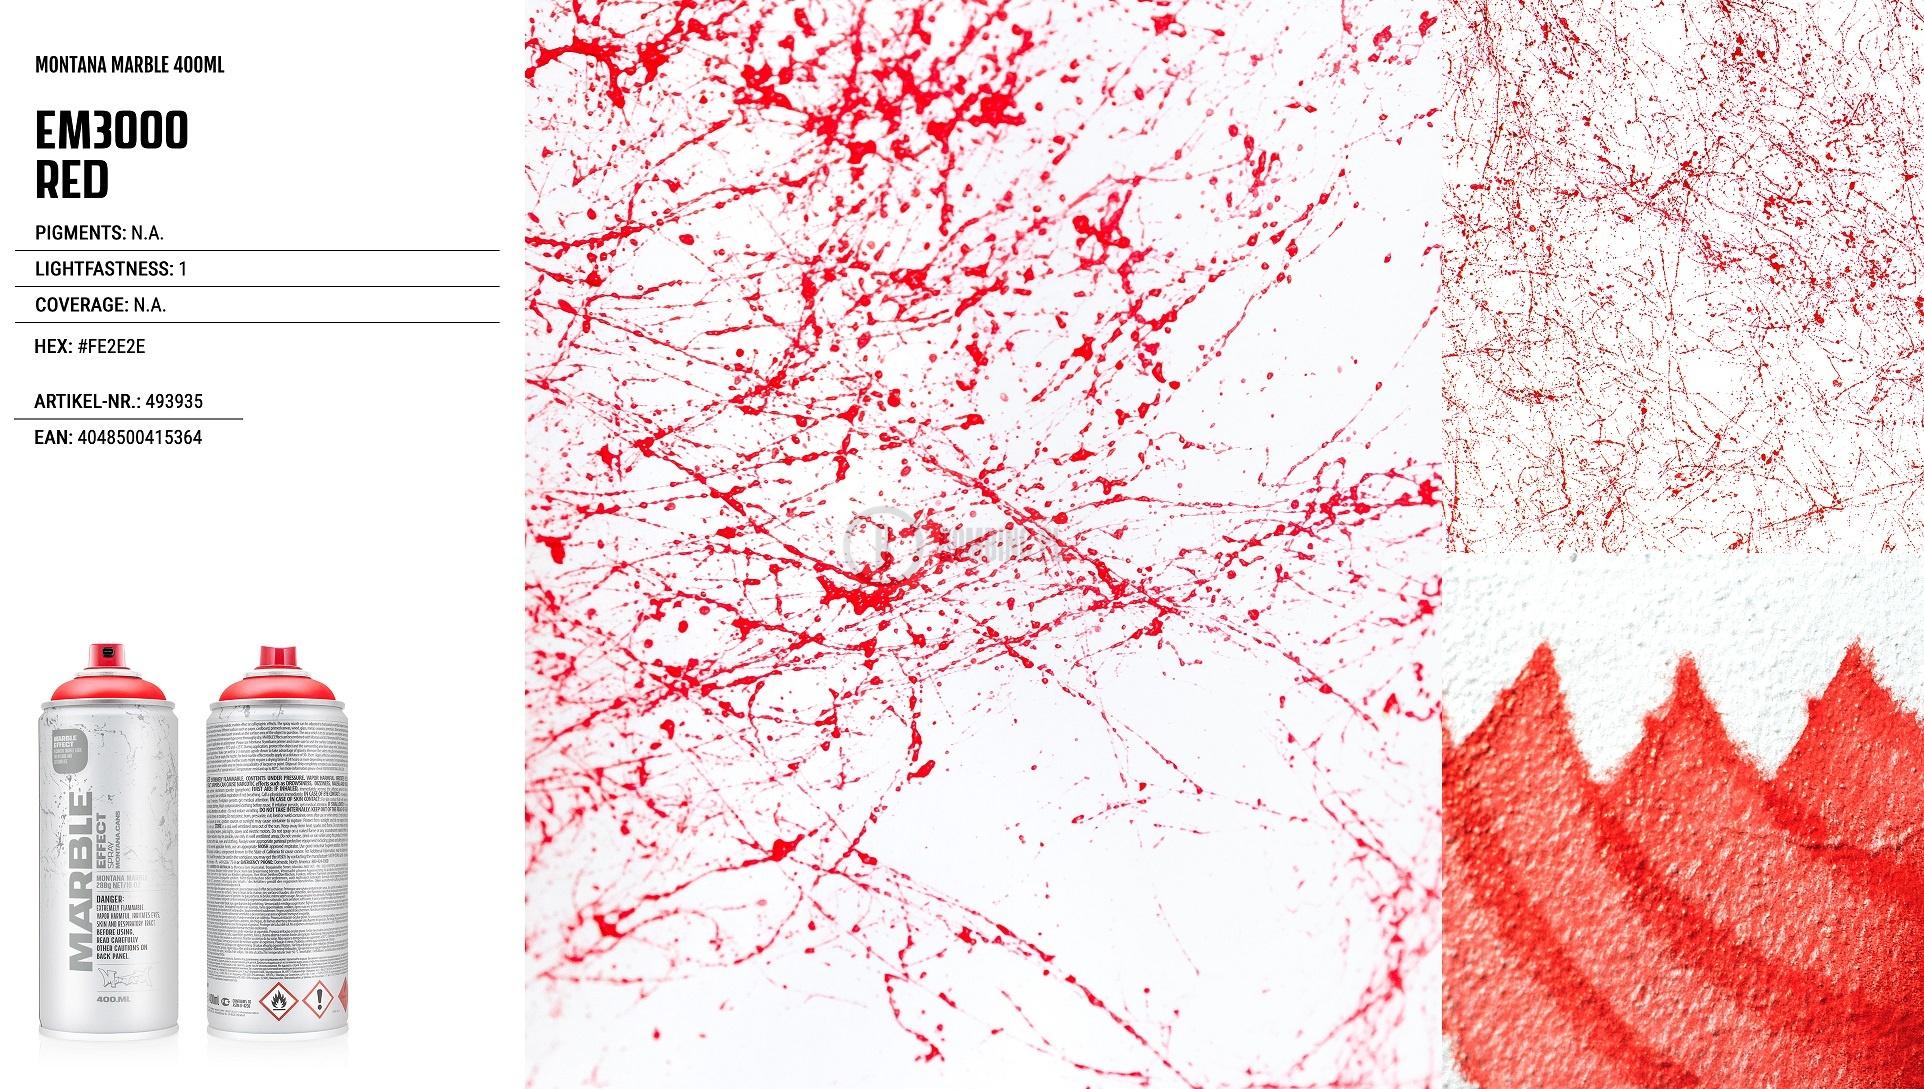 MONTANA-EFFECT-MARBLE-SPRAY-400ML_EM3000-color